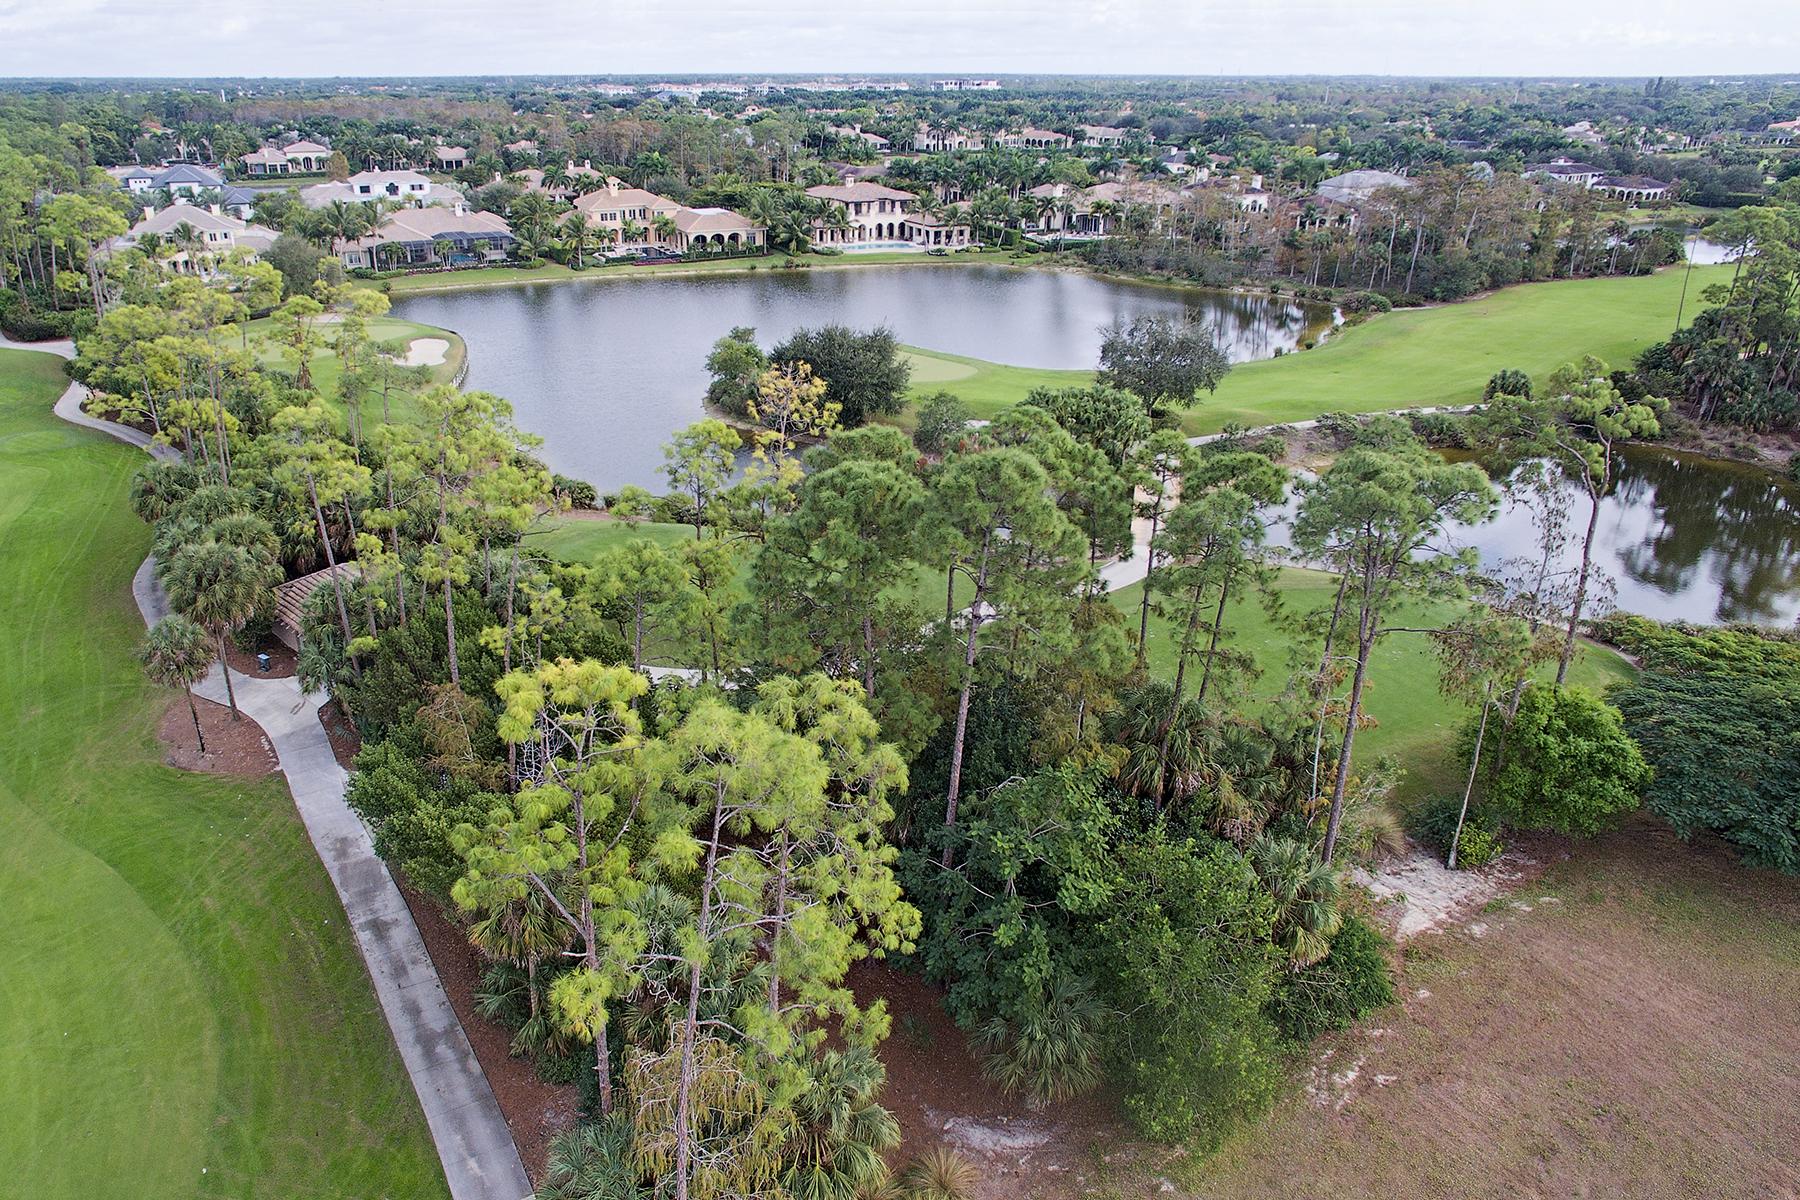 Đất đai vì Bán tại 1260 Gordon River Trl , Naples, FL 34105 1260 Gordon River Trl Naples, Florida, 34105 Hoa Kỳ